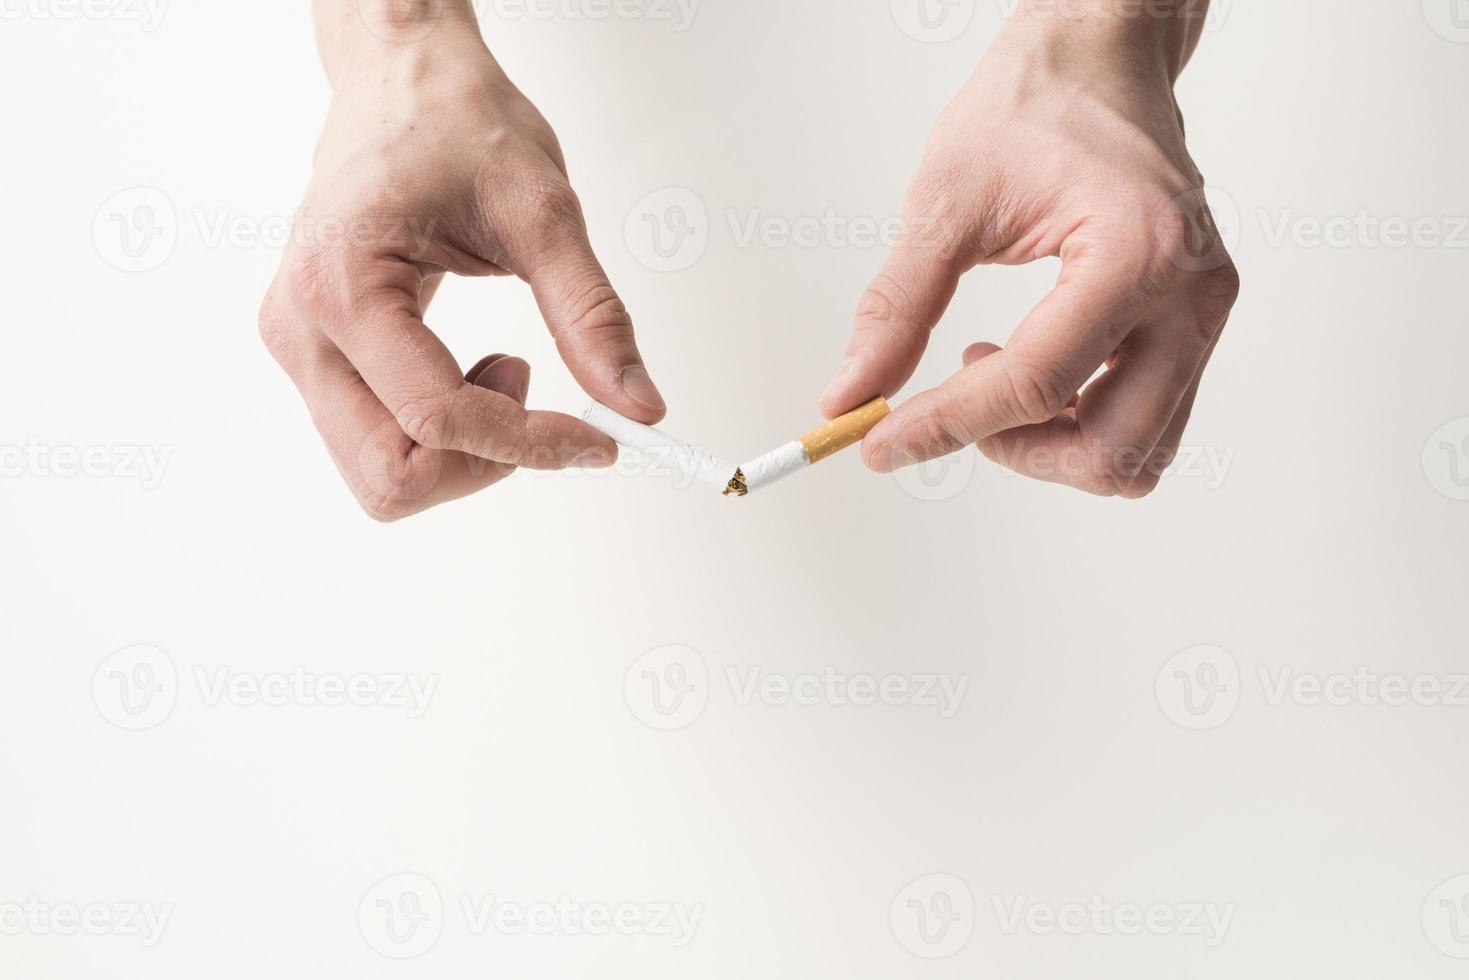 mano della persona rompendo una sigaretta su sfondo bianco foto